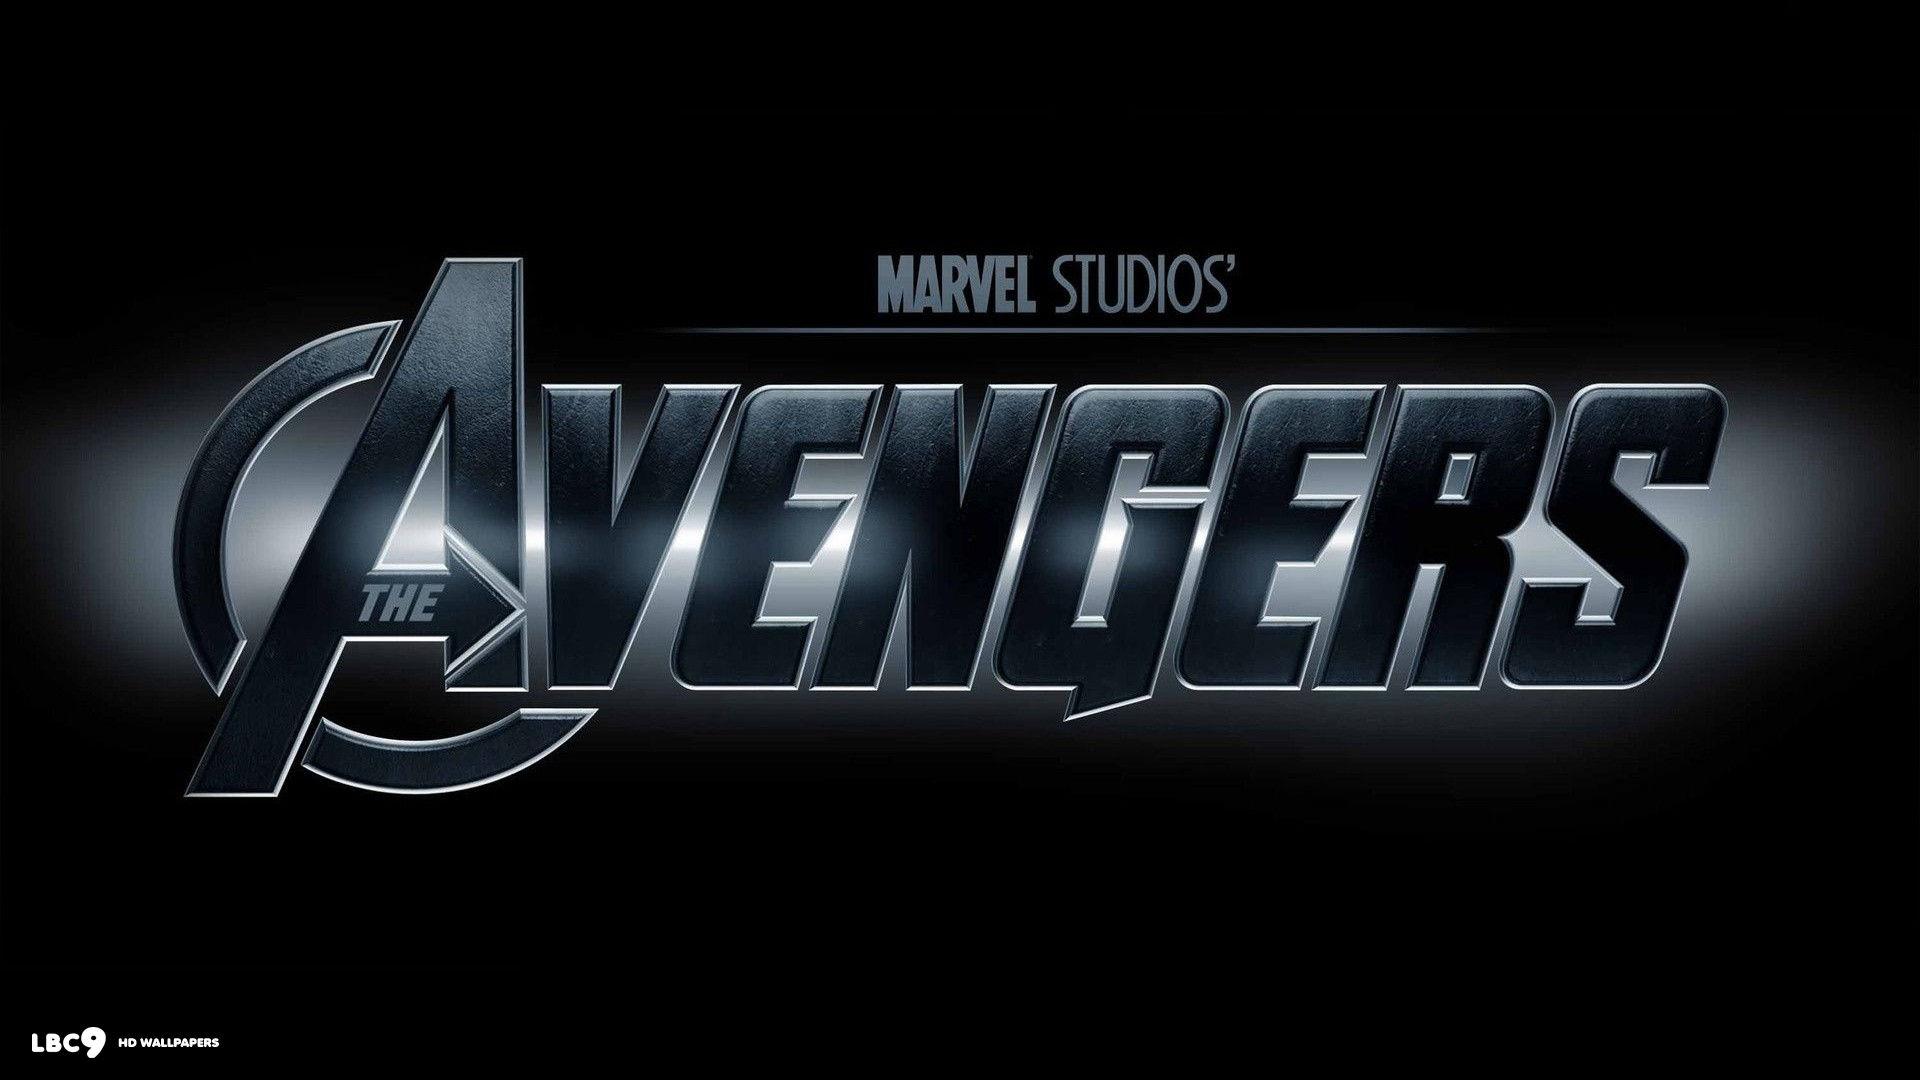 Filmes The Avengers Os Vingadores 2012 Pipoca Com Bacon 1920x1080